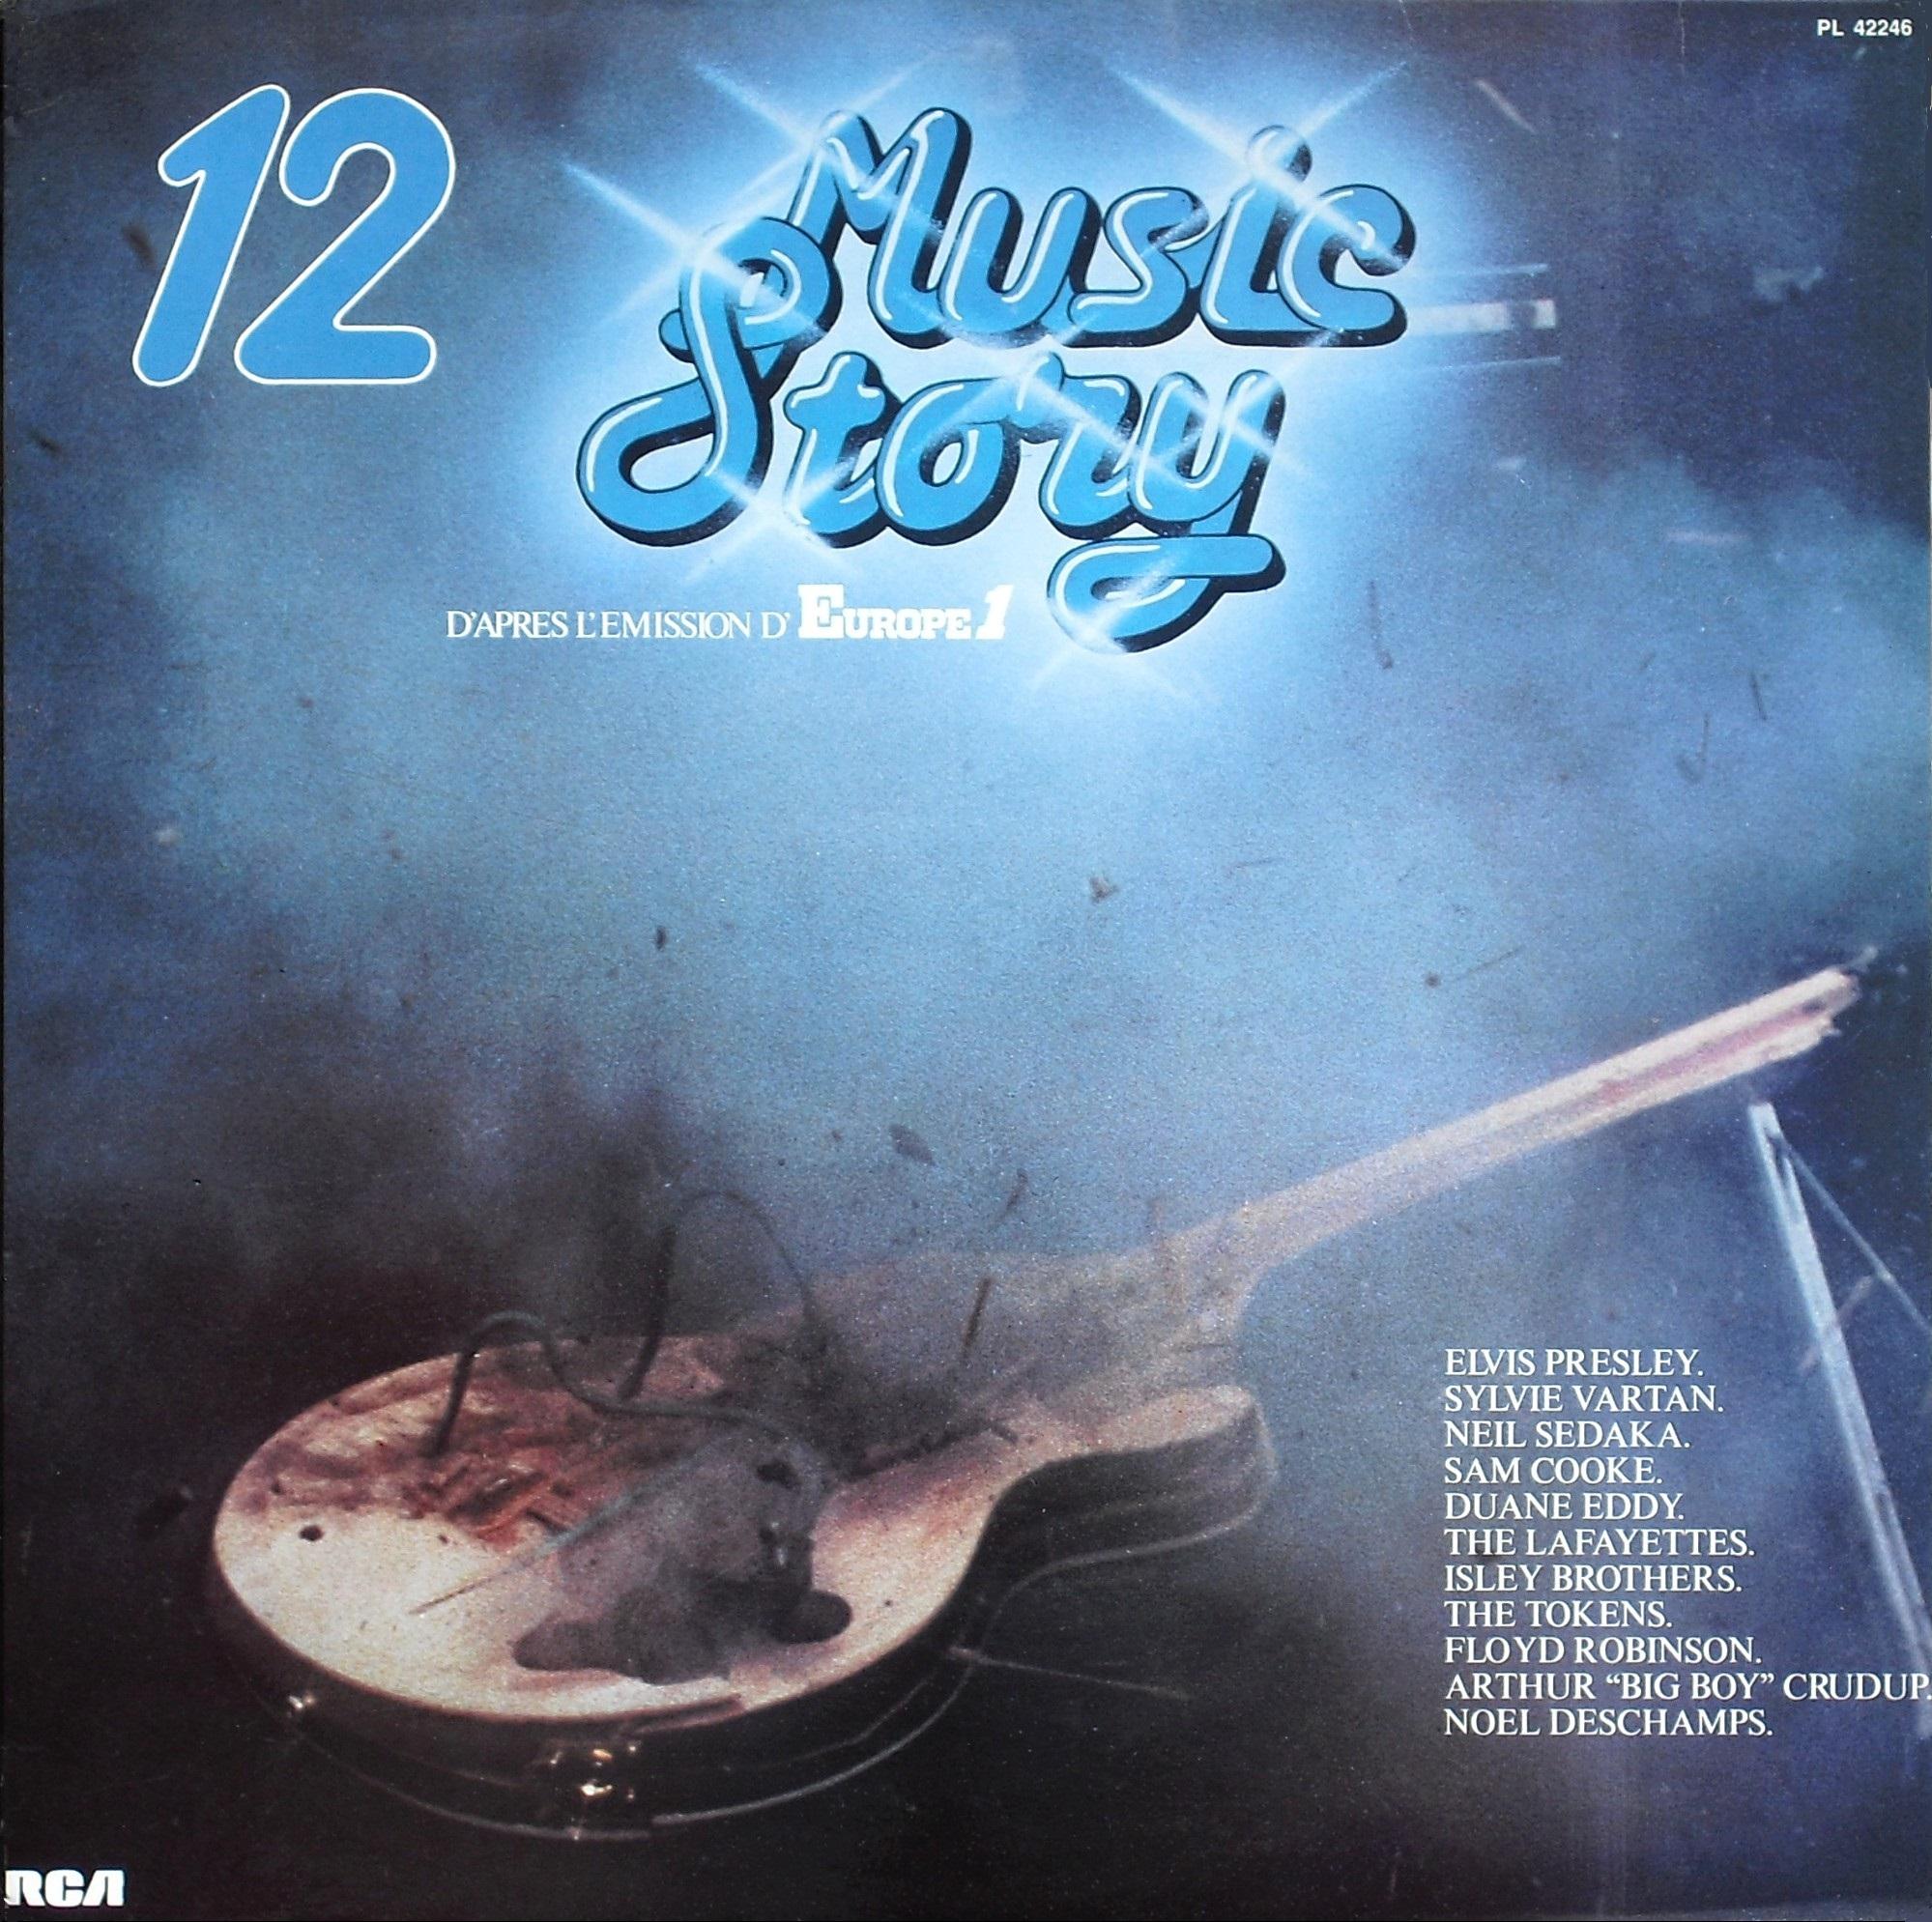 _v.a. - MUSIC STORY 12 01..b8ruf